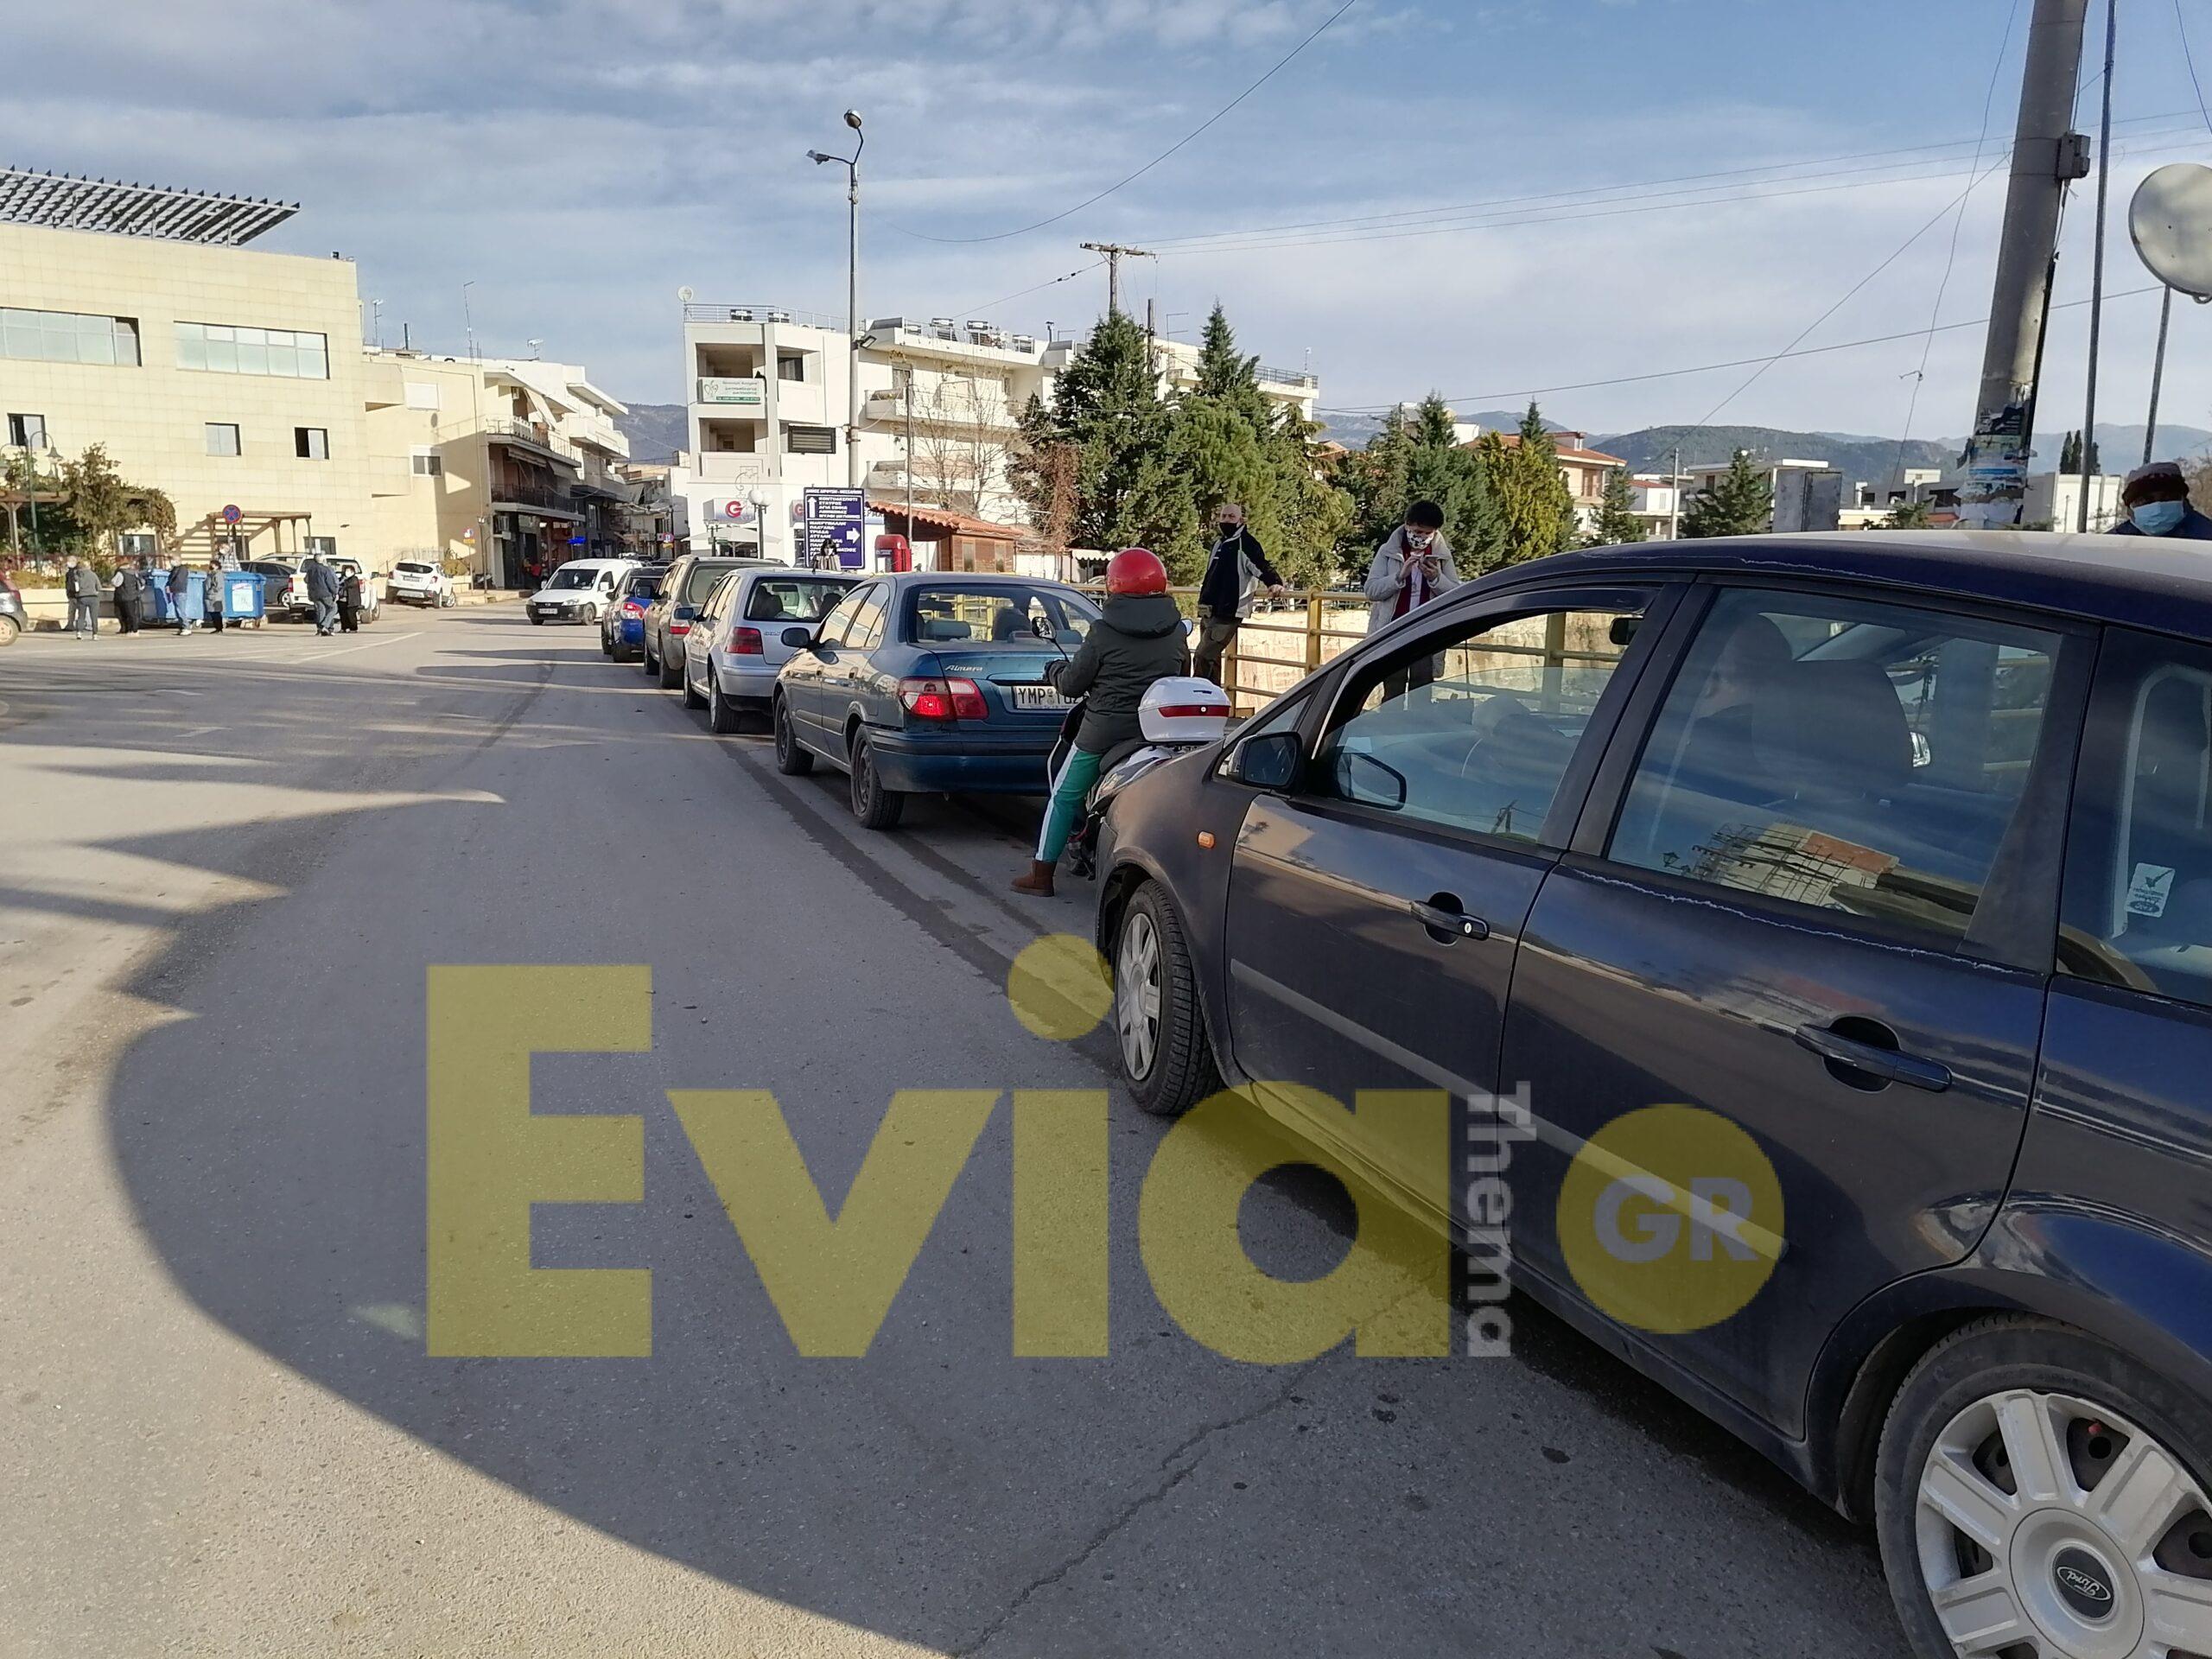 Ψαχνά Ευβοίας: Ουρά τα αυτοκίνητα για το Drive Through Testing